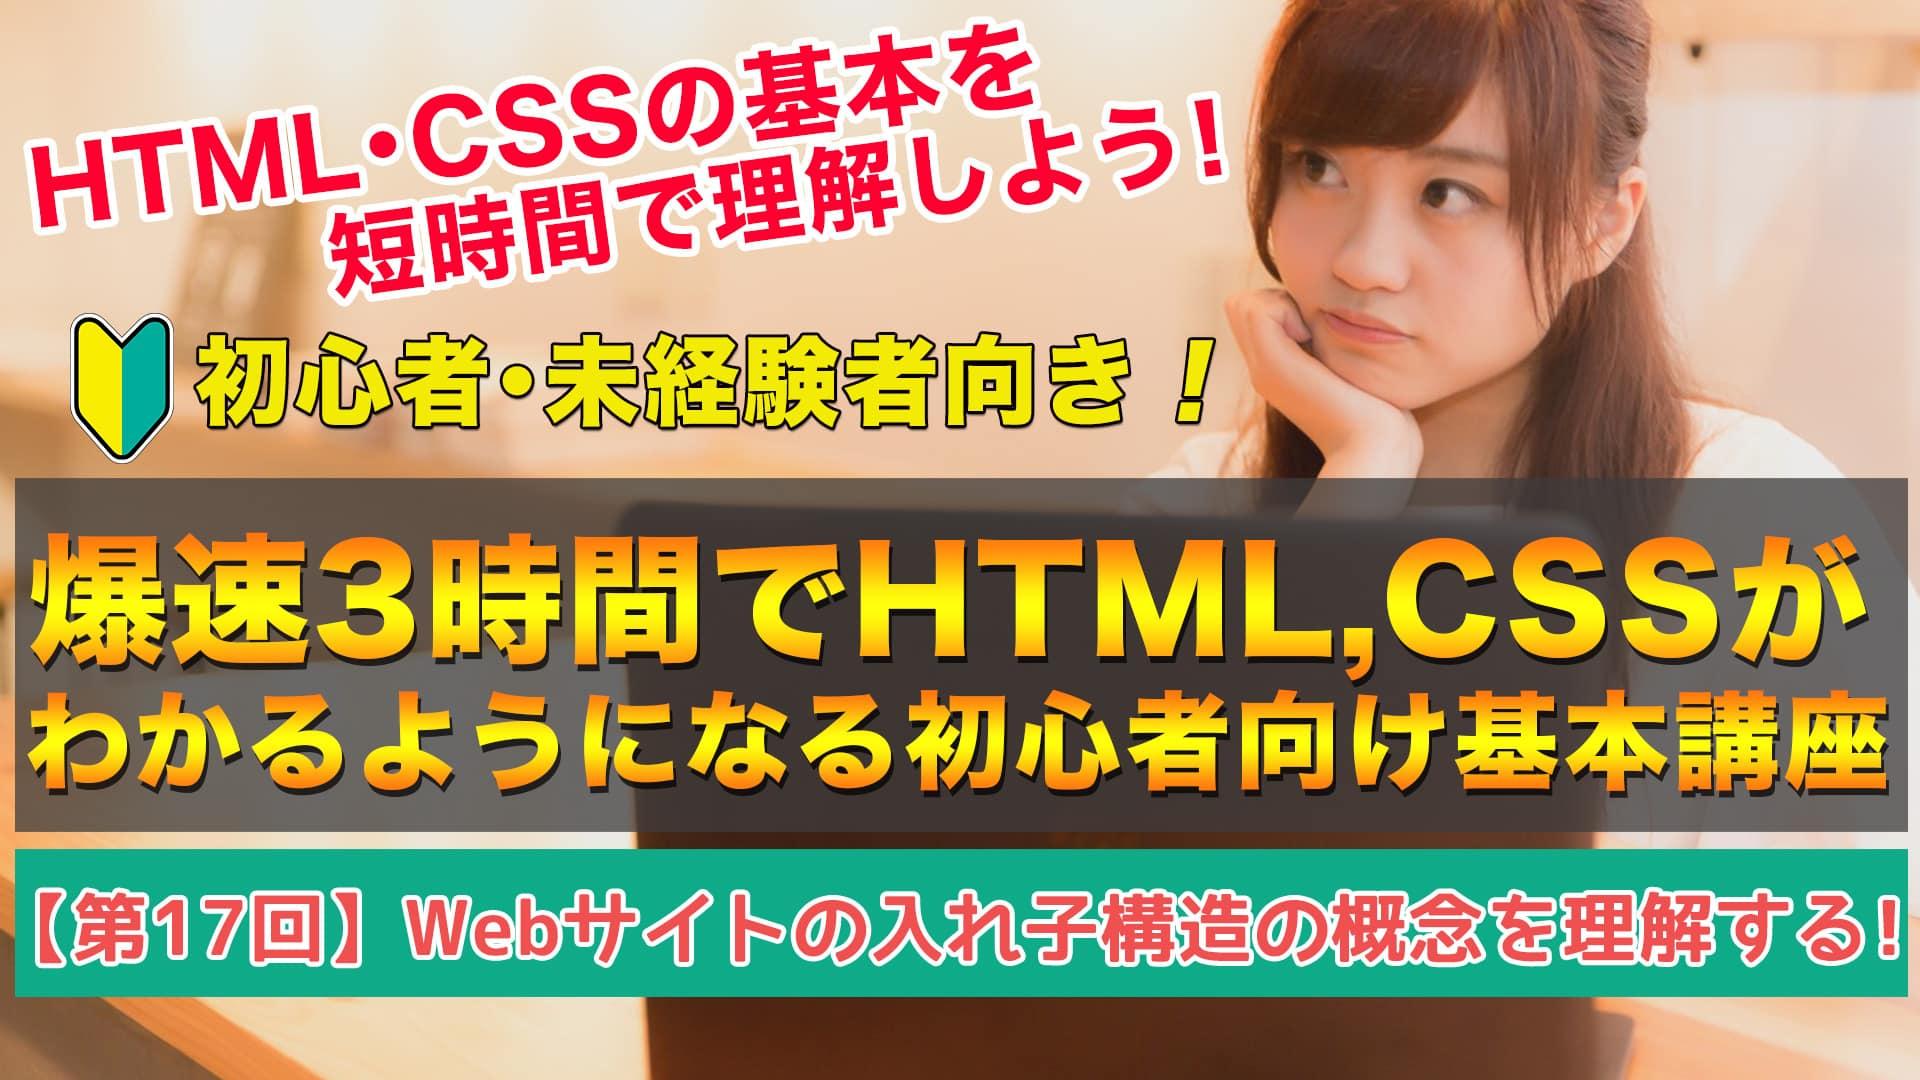 【第17回】Webサイトの入れ子構造の概念を理解する!   爆速3時間でHTML,CSSがわかるようになる初心者向け基本講座